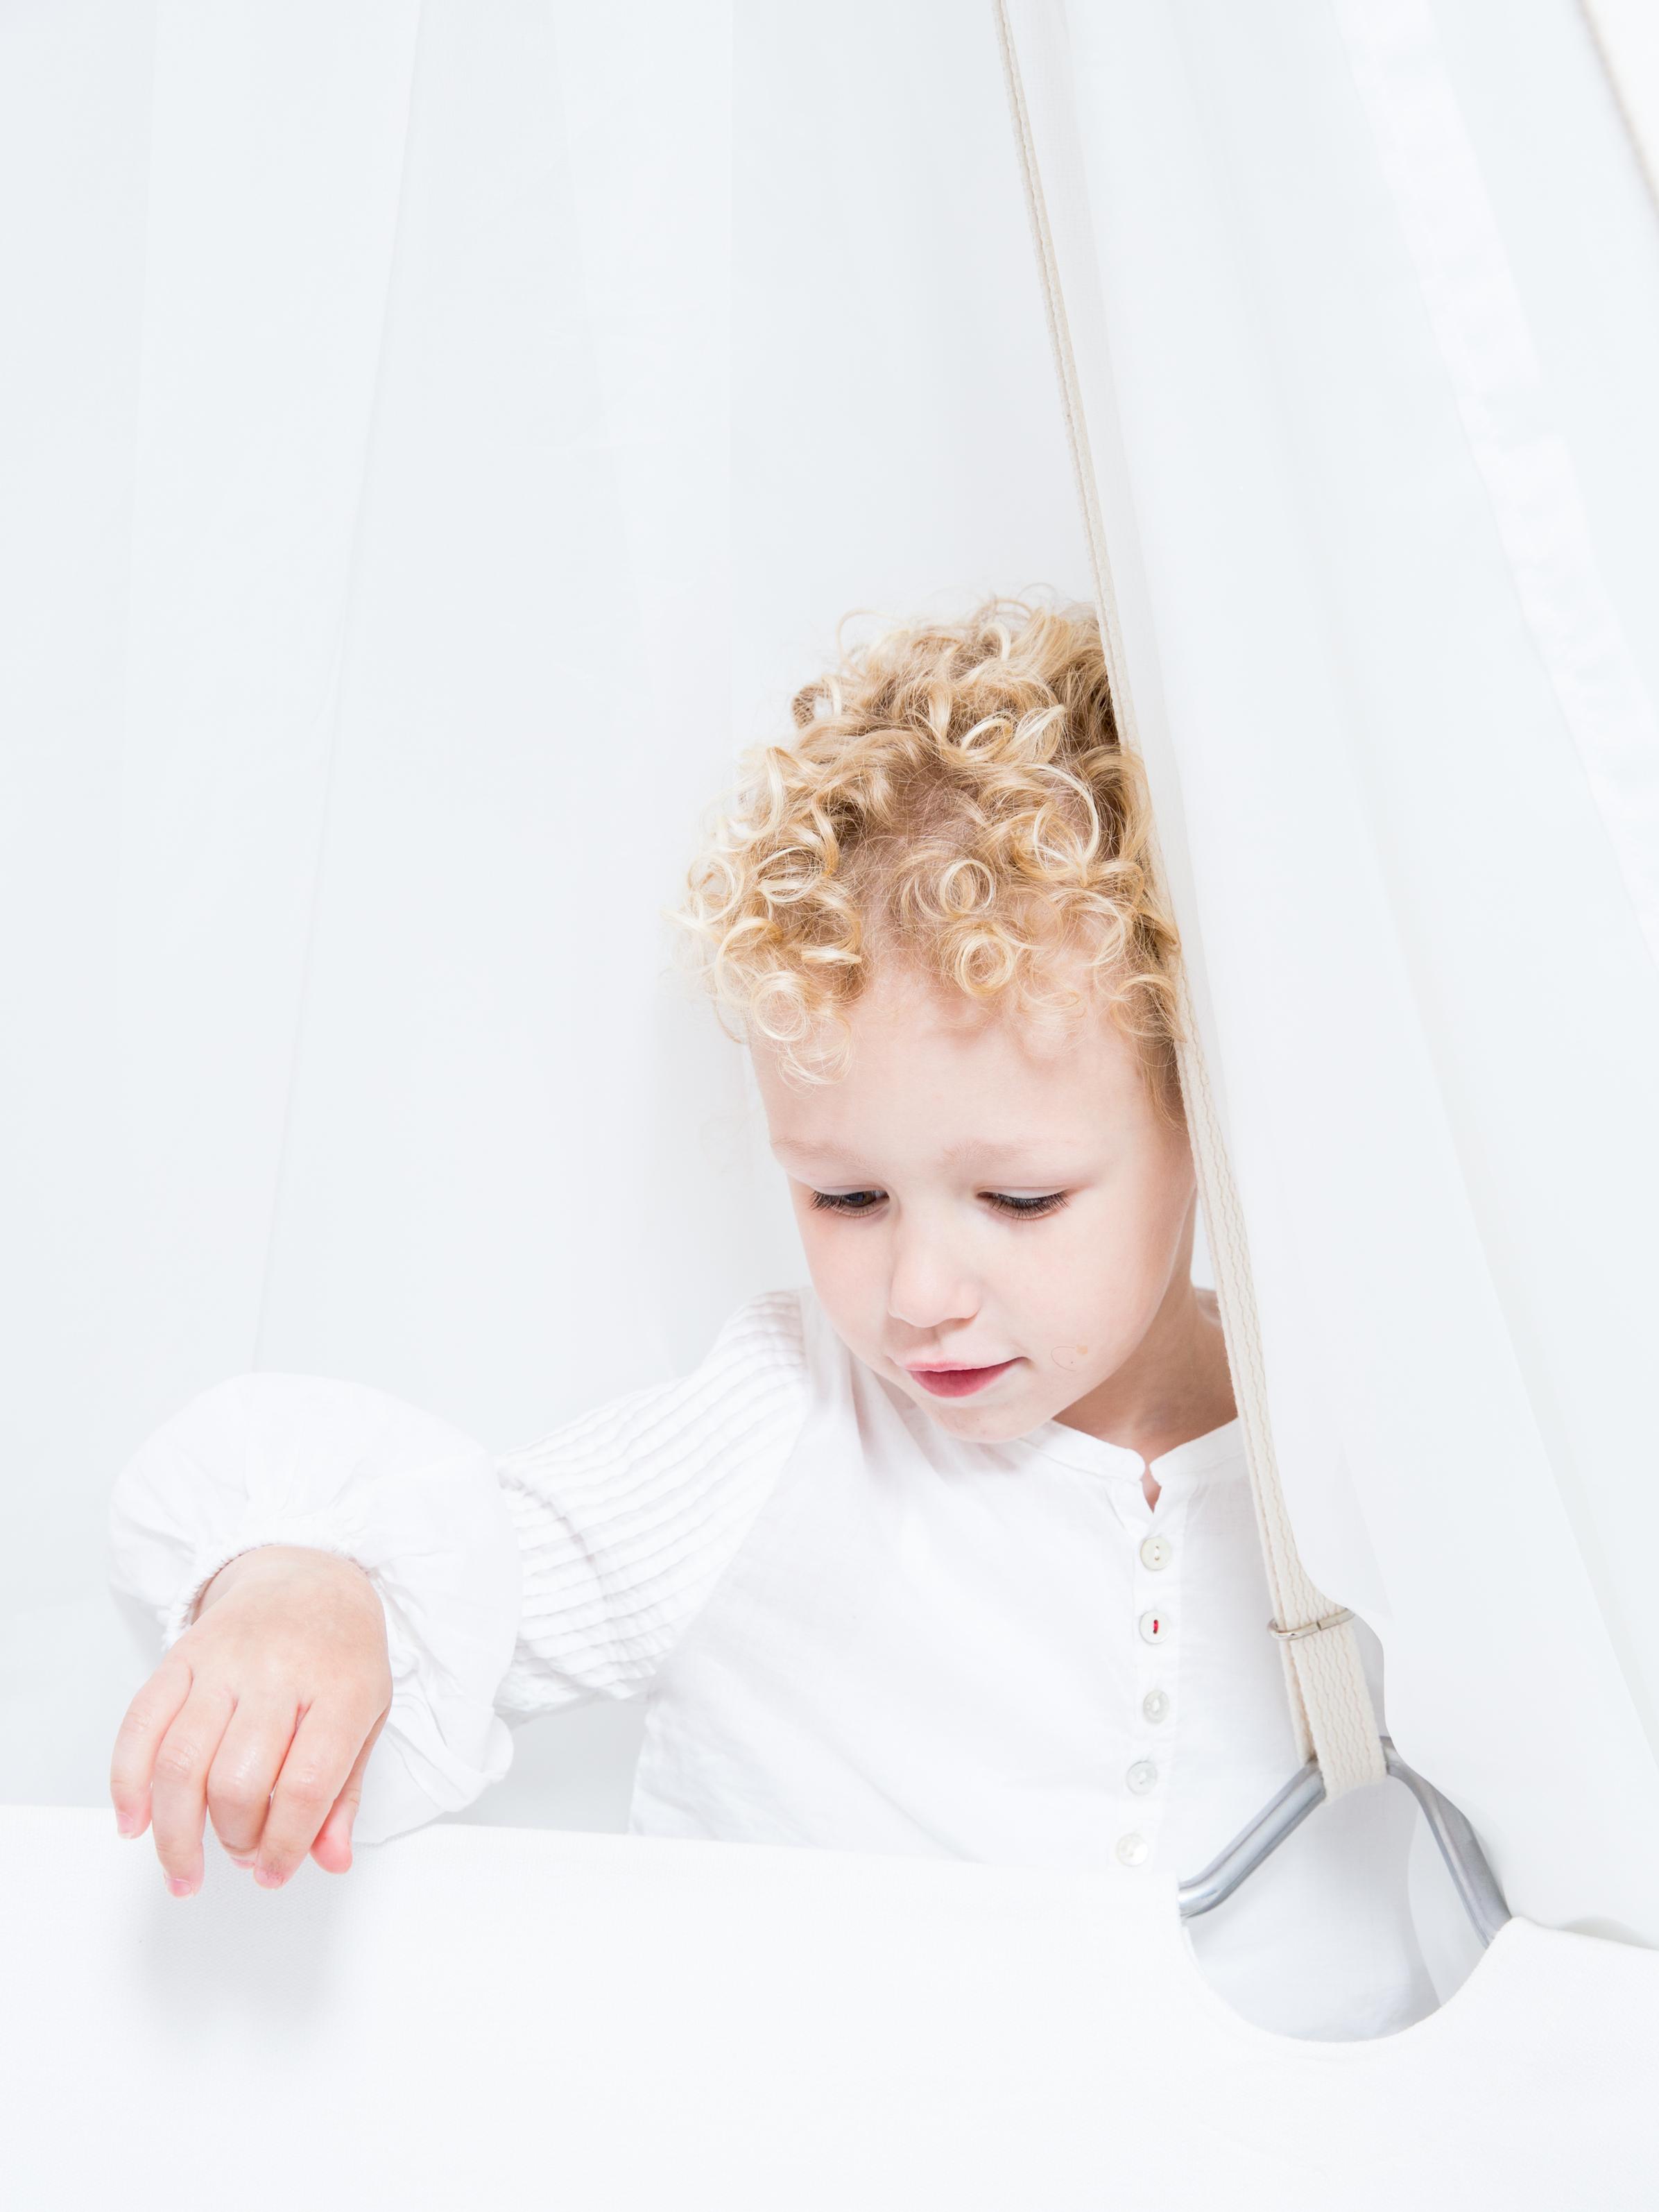 Baby shoot fotografie Rianne Veldman 3